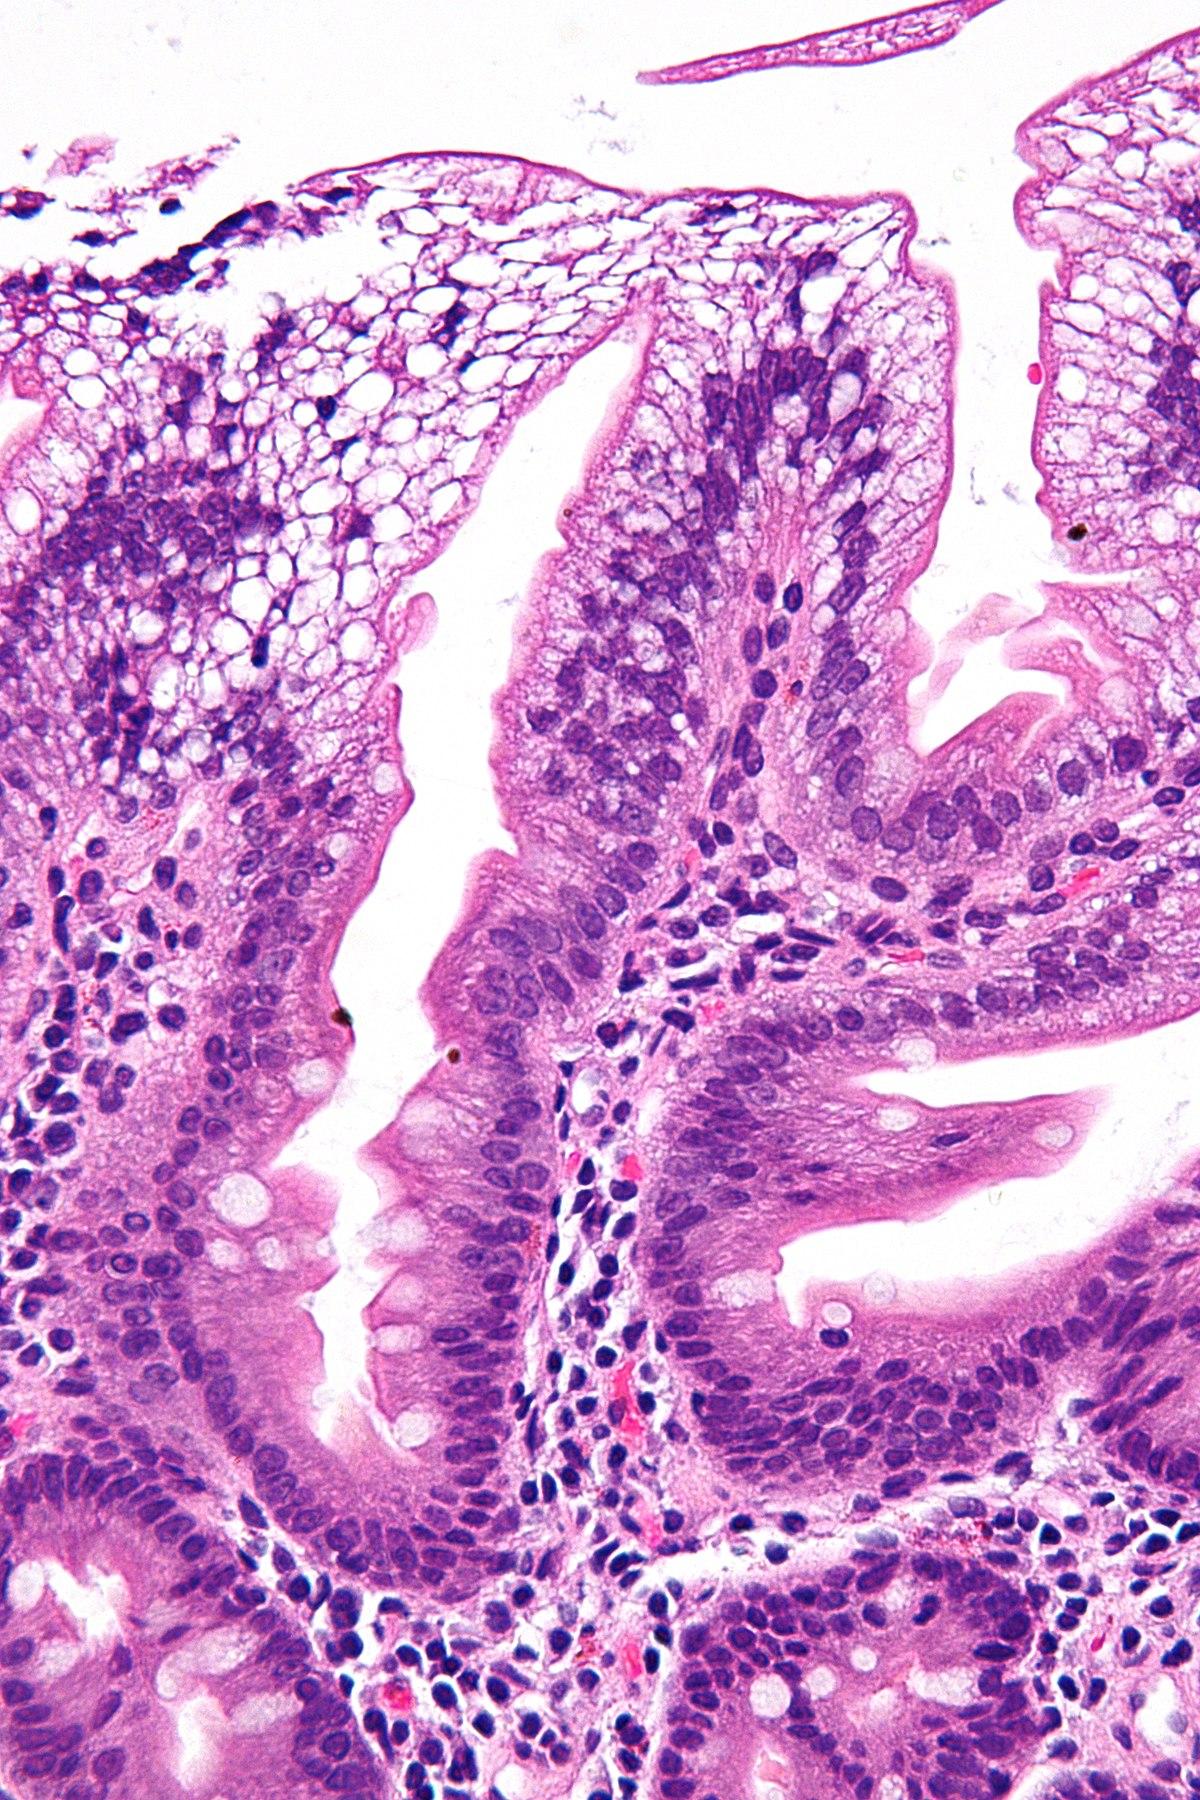 Abetalipoproteinemia - Wikipedia